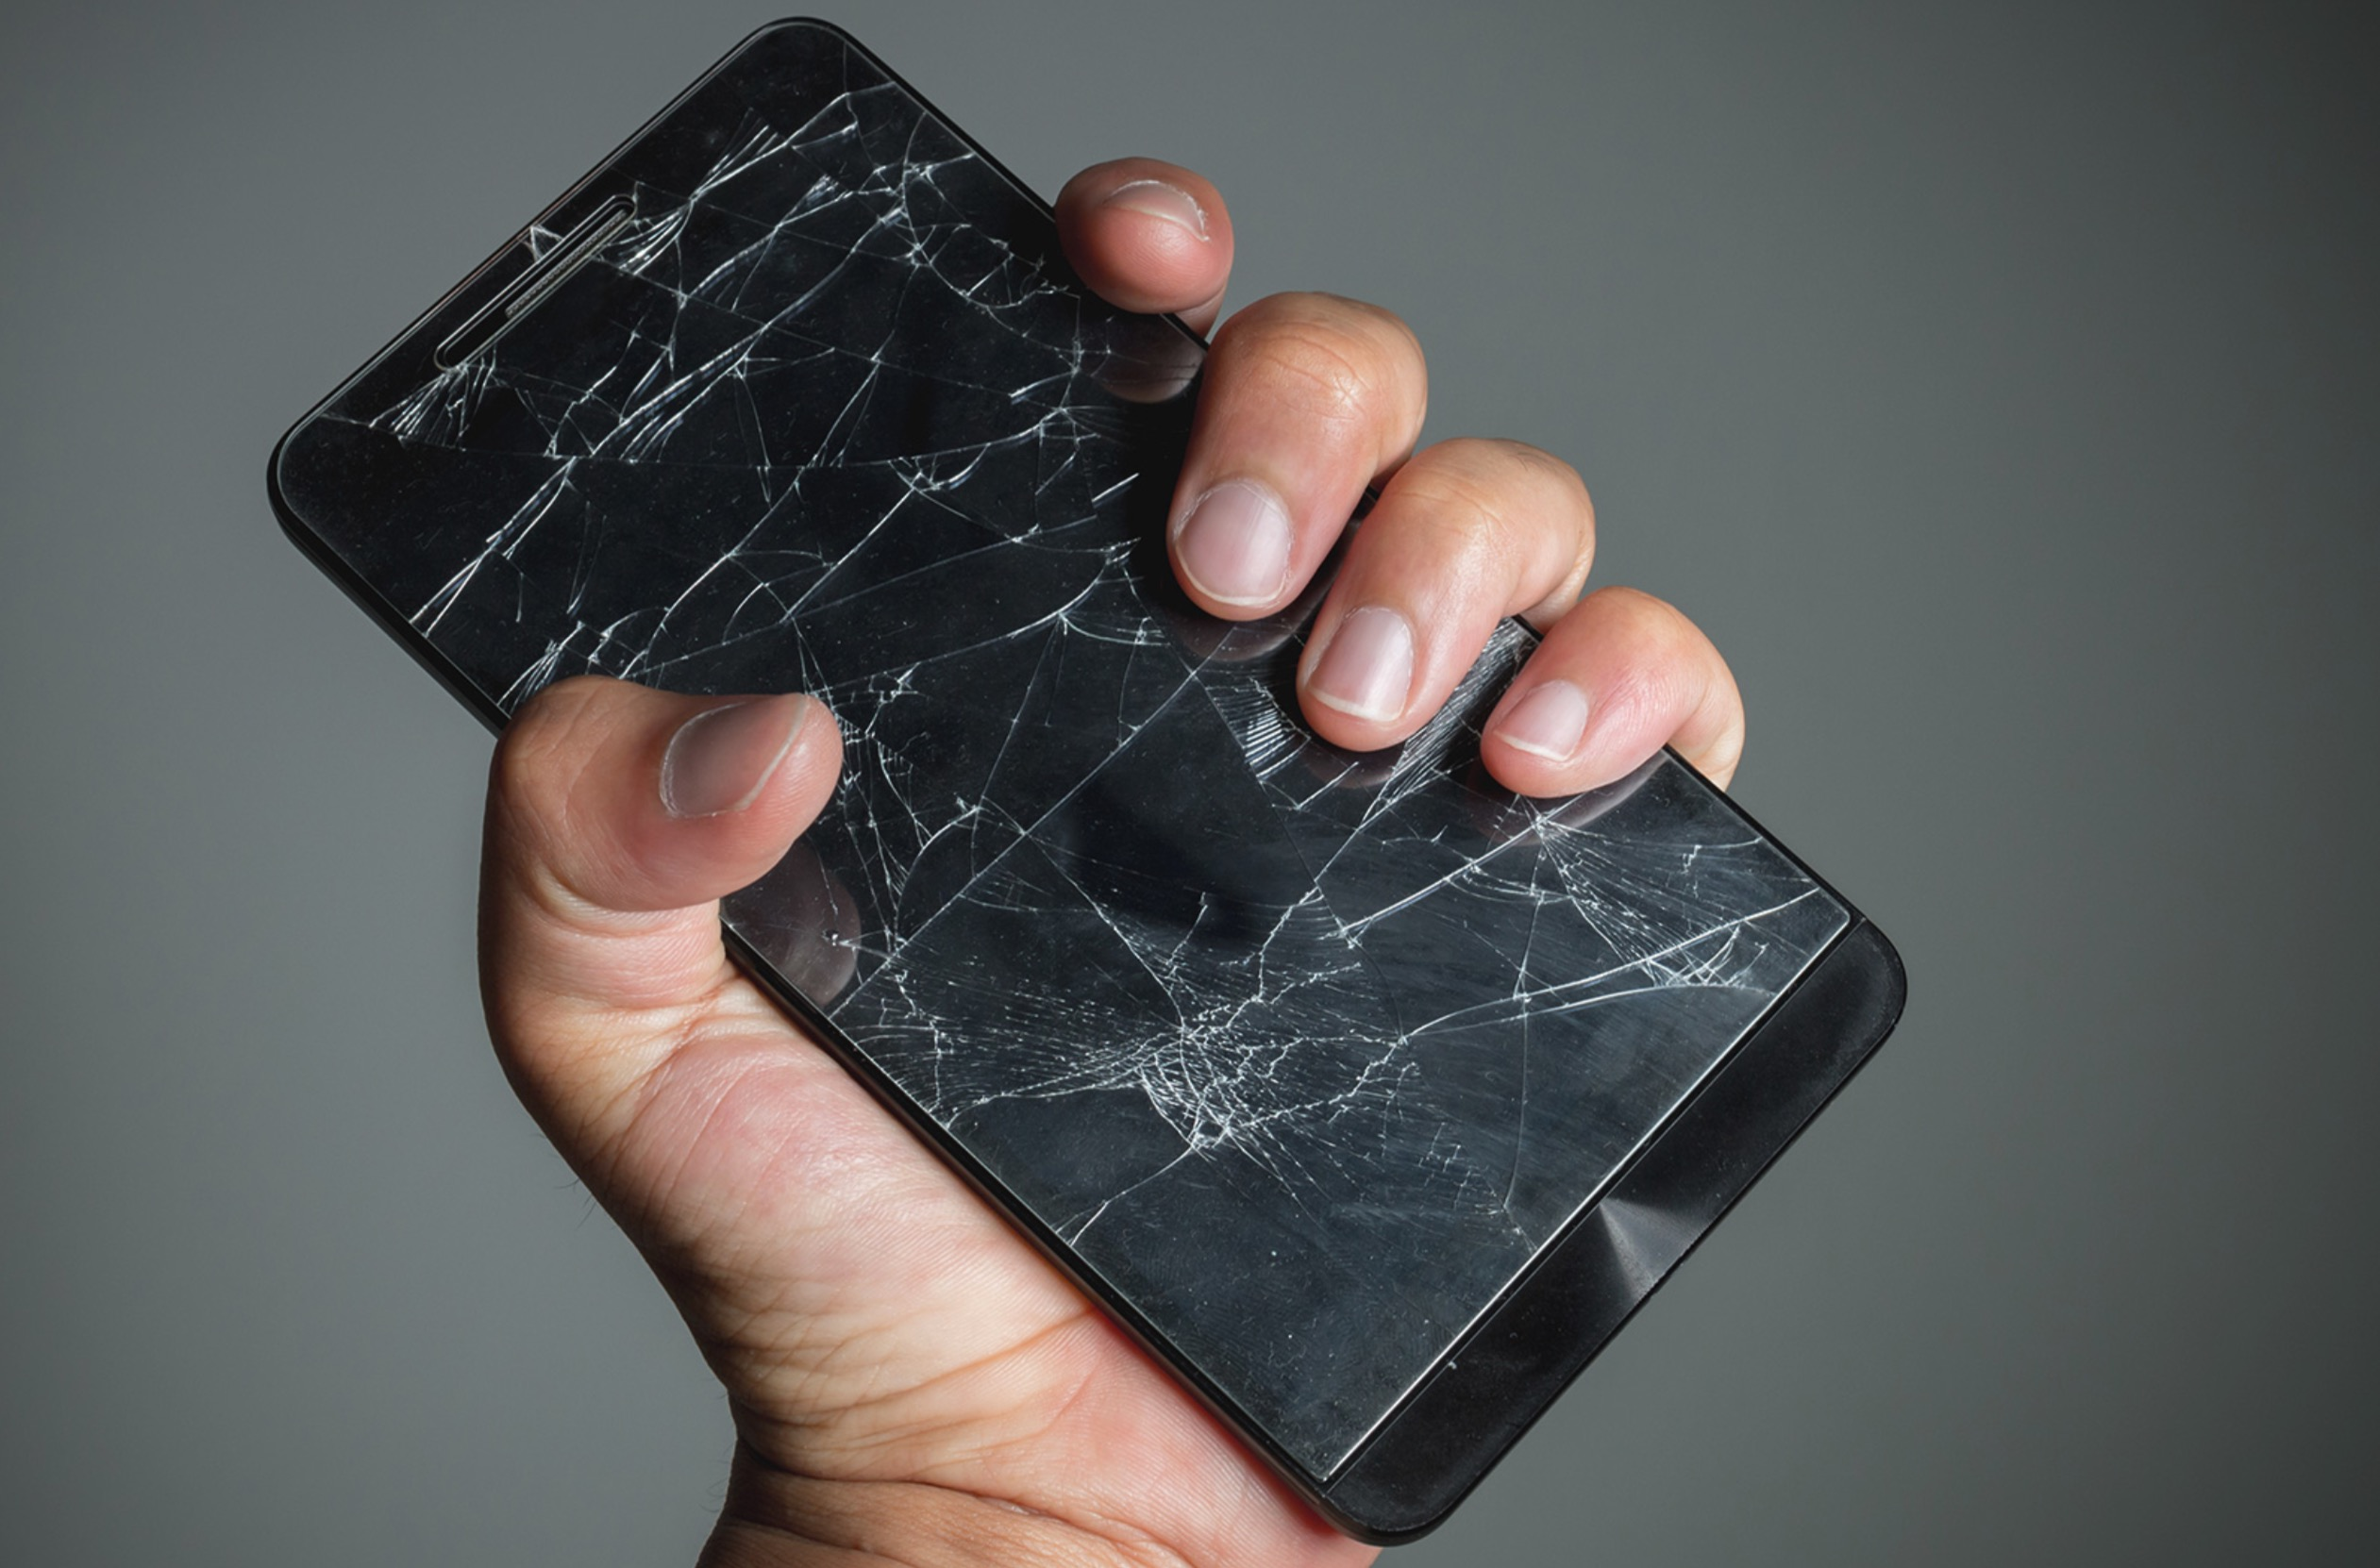 Schermo Rotto Riparazione E Garanzia Telefono Tecnocino